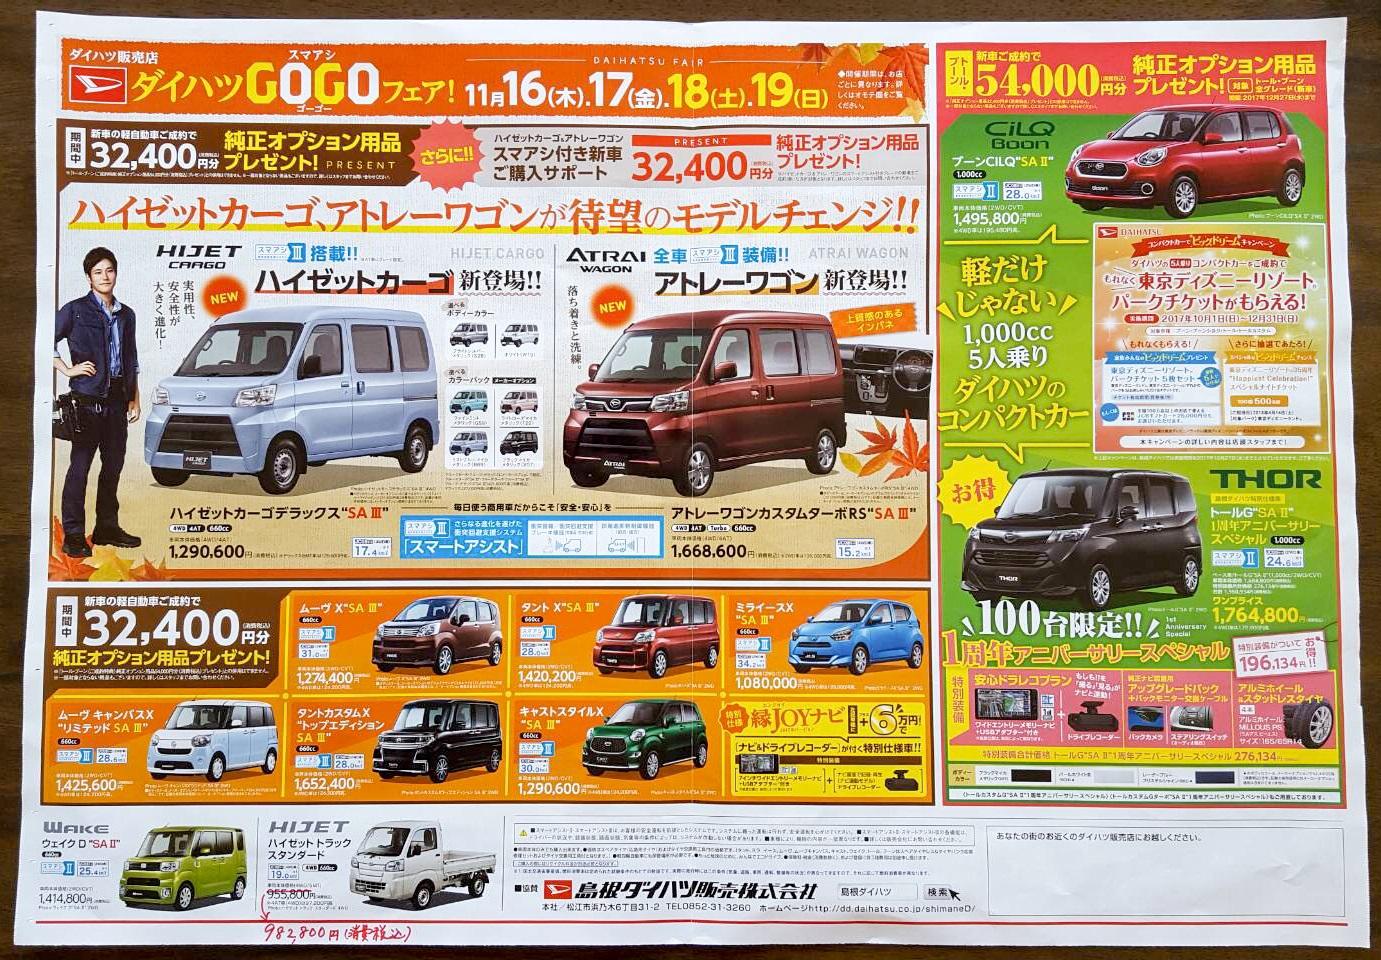 10月16日~19日 ダイハツGOGOフェア開催!!